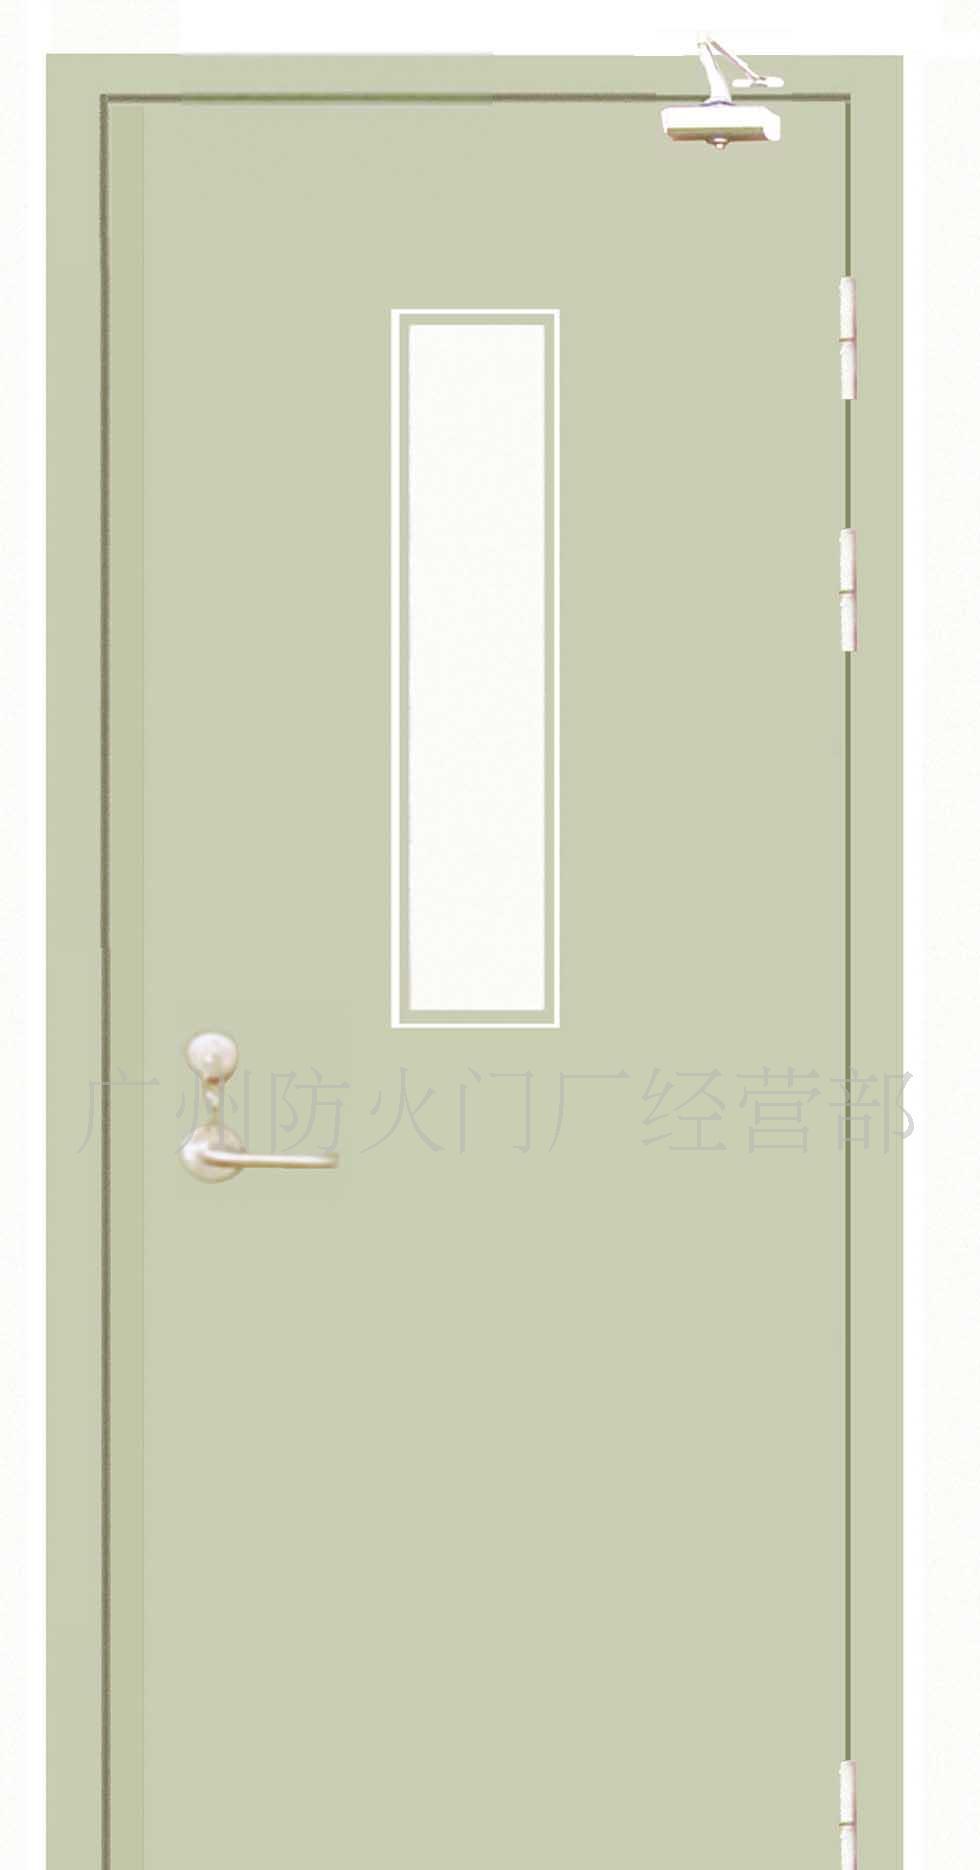 广州盛煌建材防火门甲级钢质防火门(带视口)